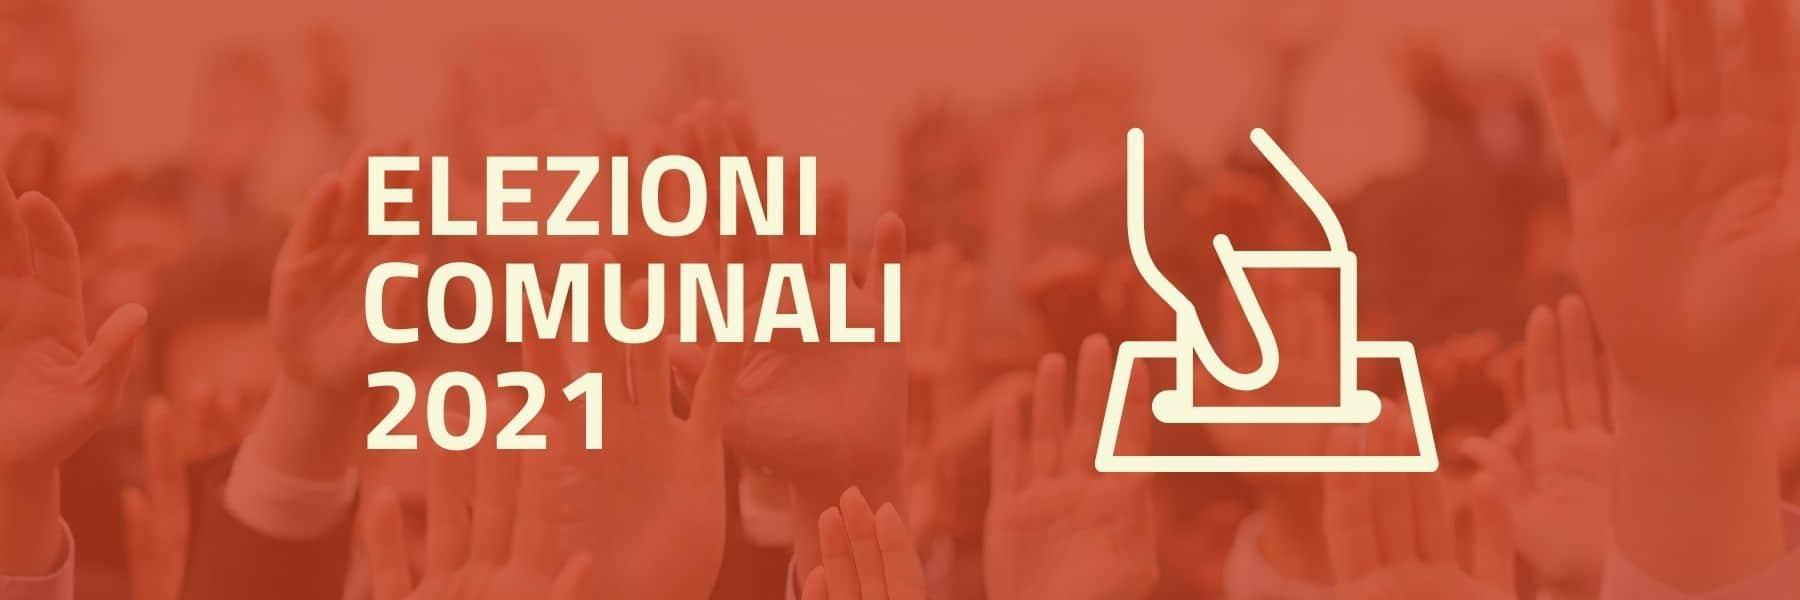 Elezioni comunali Testata